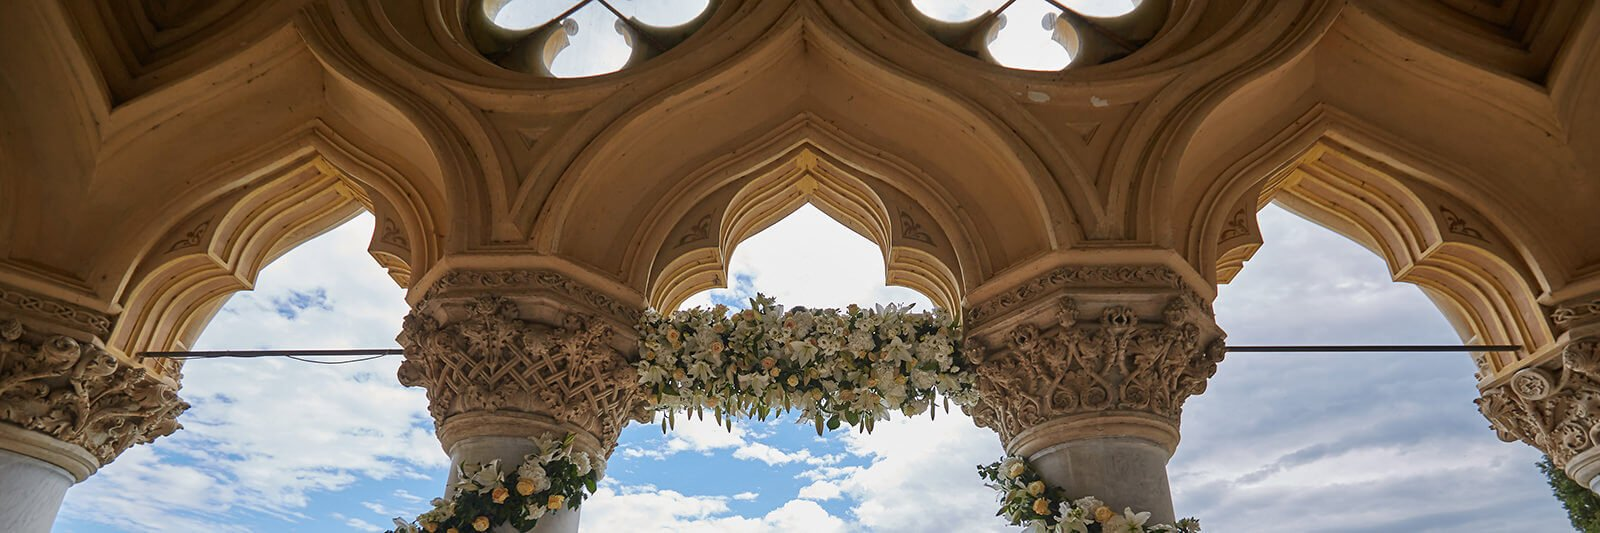 Garda Island Elegant Wedding Cover High